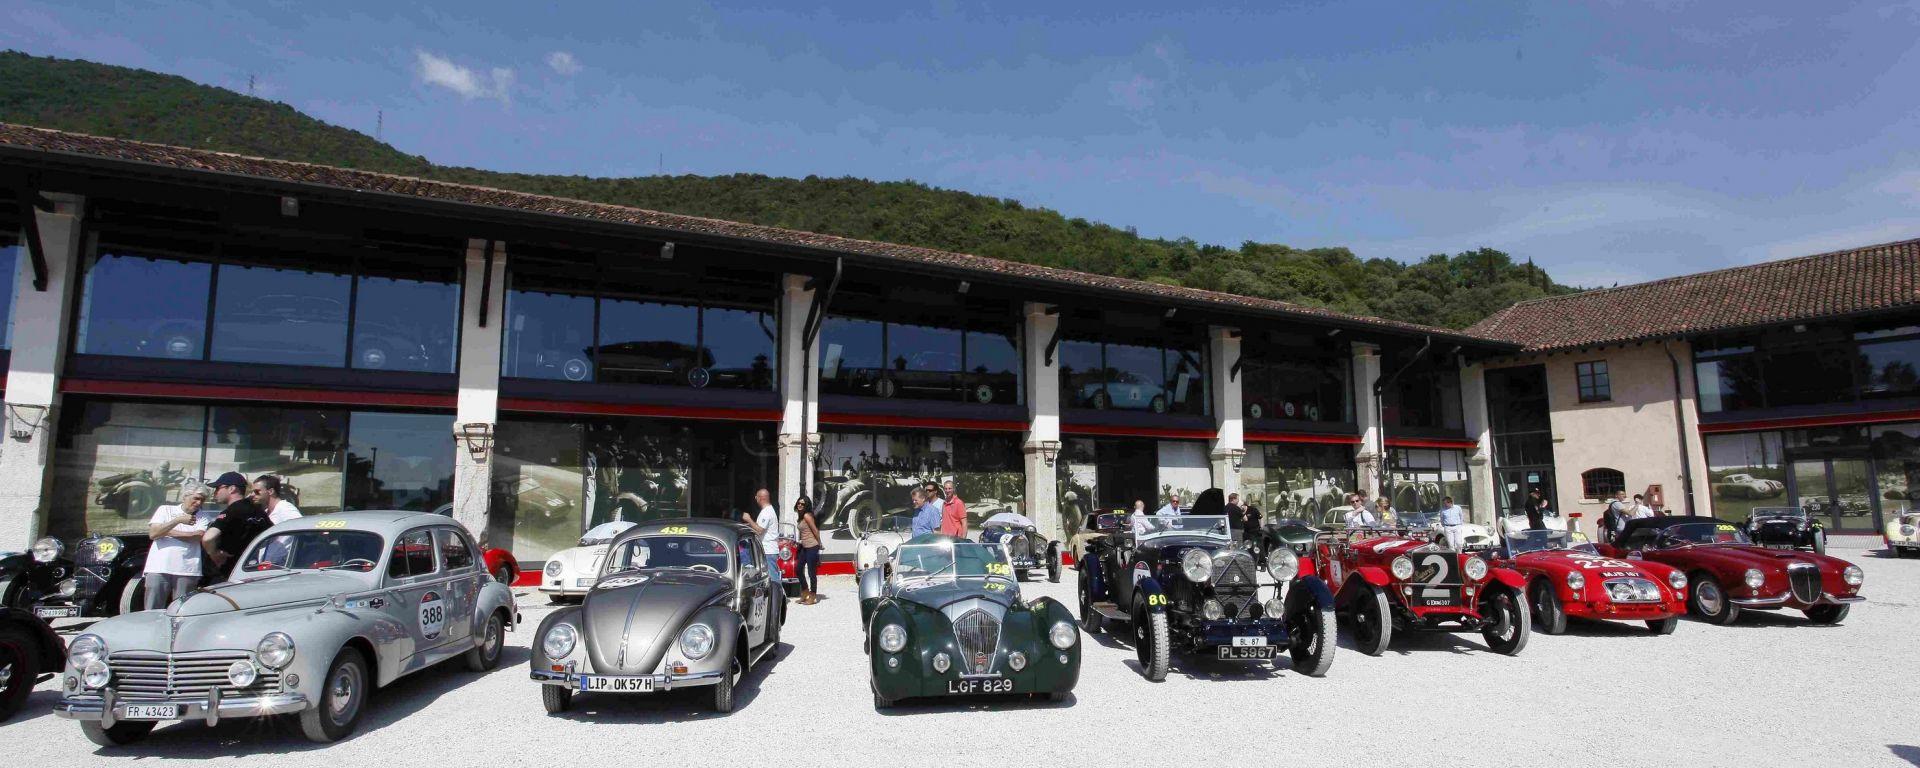 Mille Miglia: per la prima volta all'Autodromo di Monza